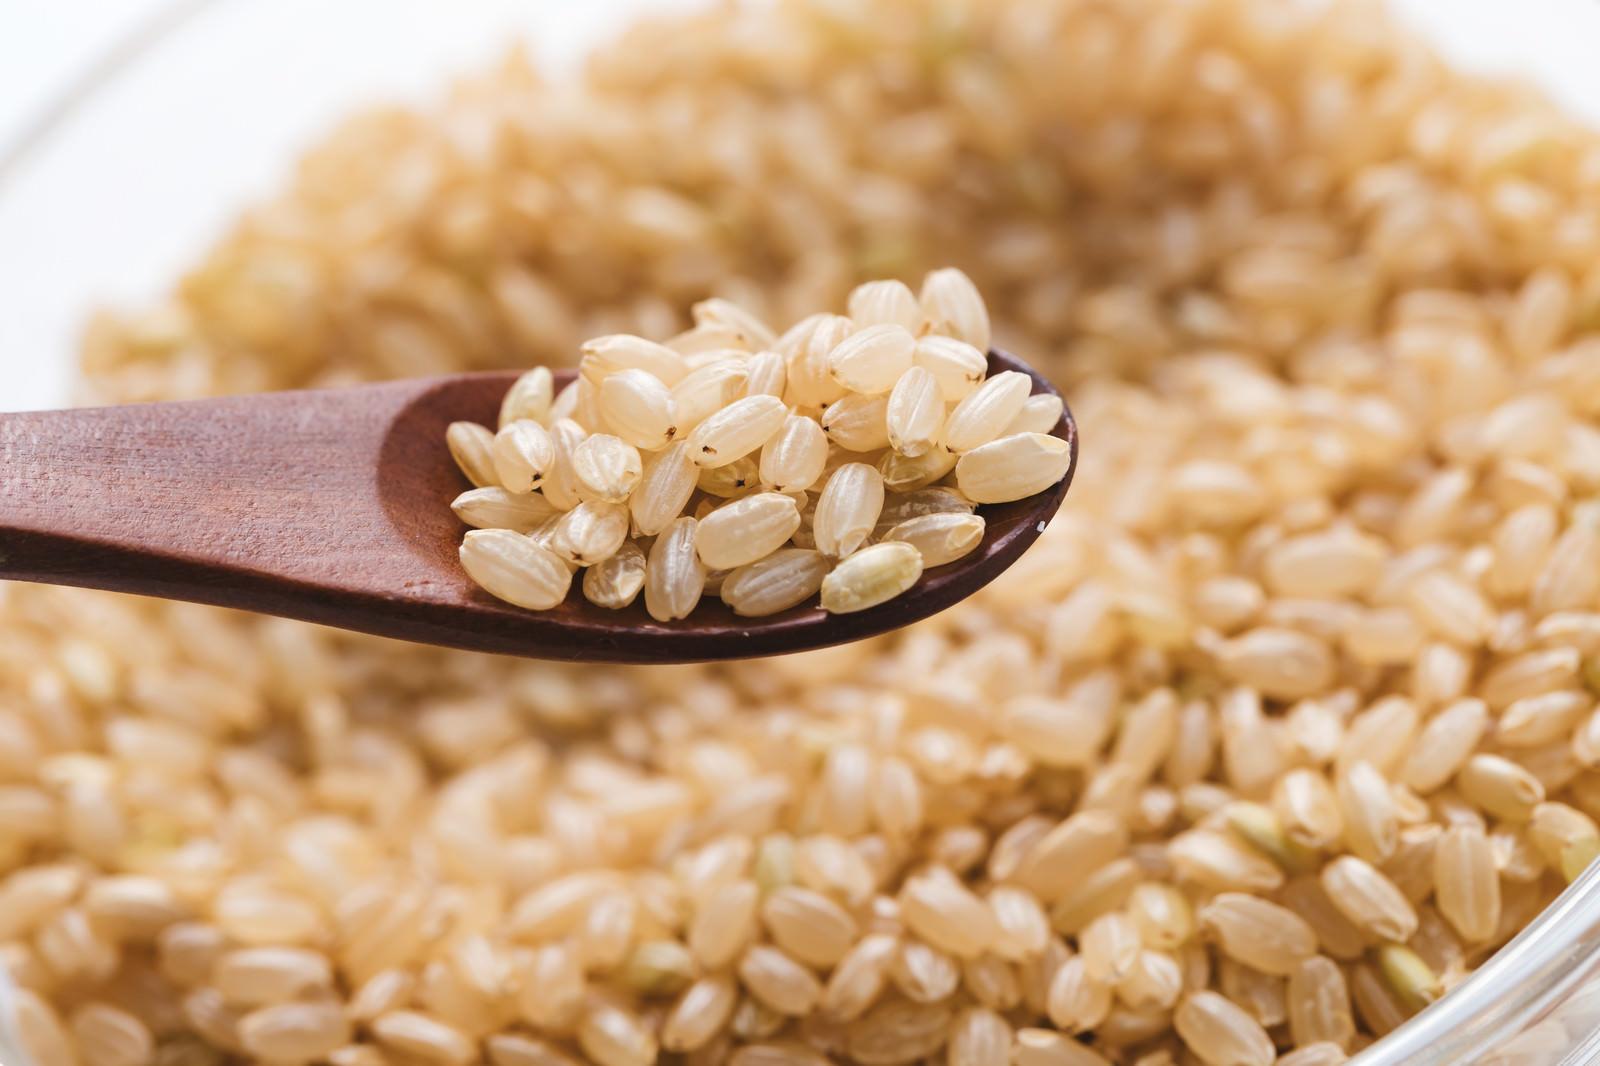 「スプーン一杯分の玄米」の写真